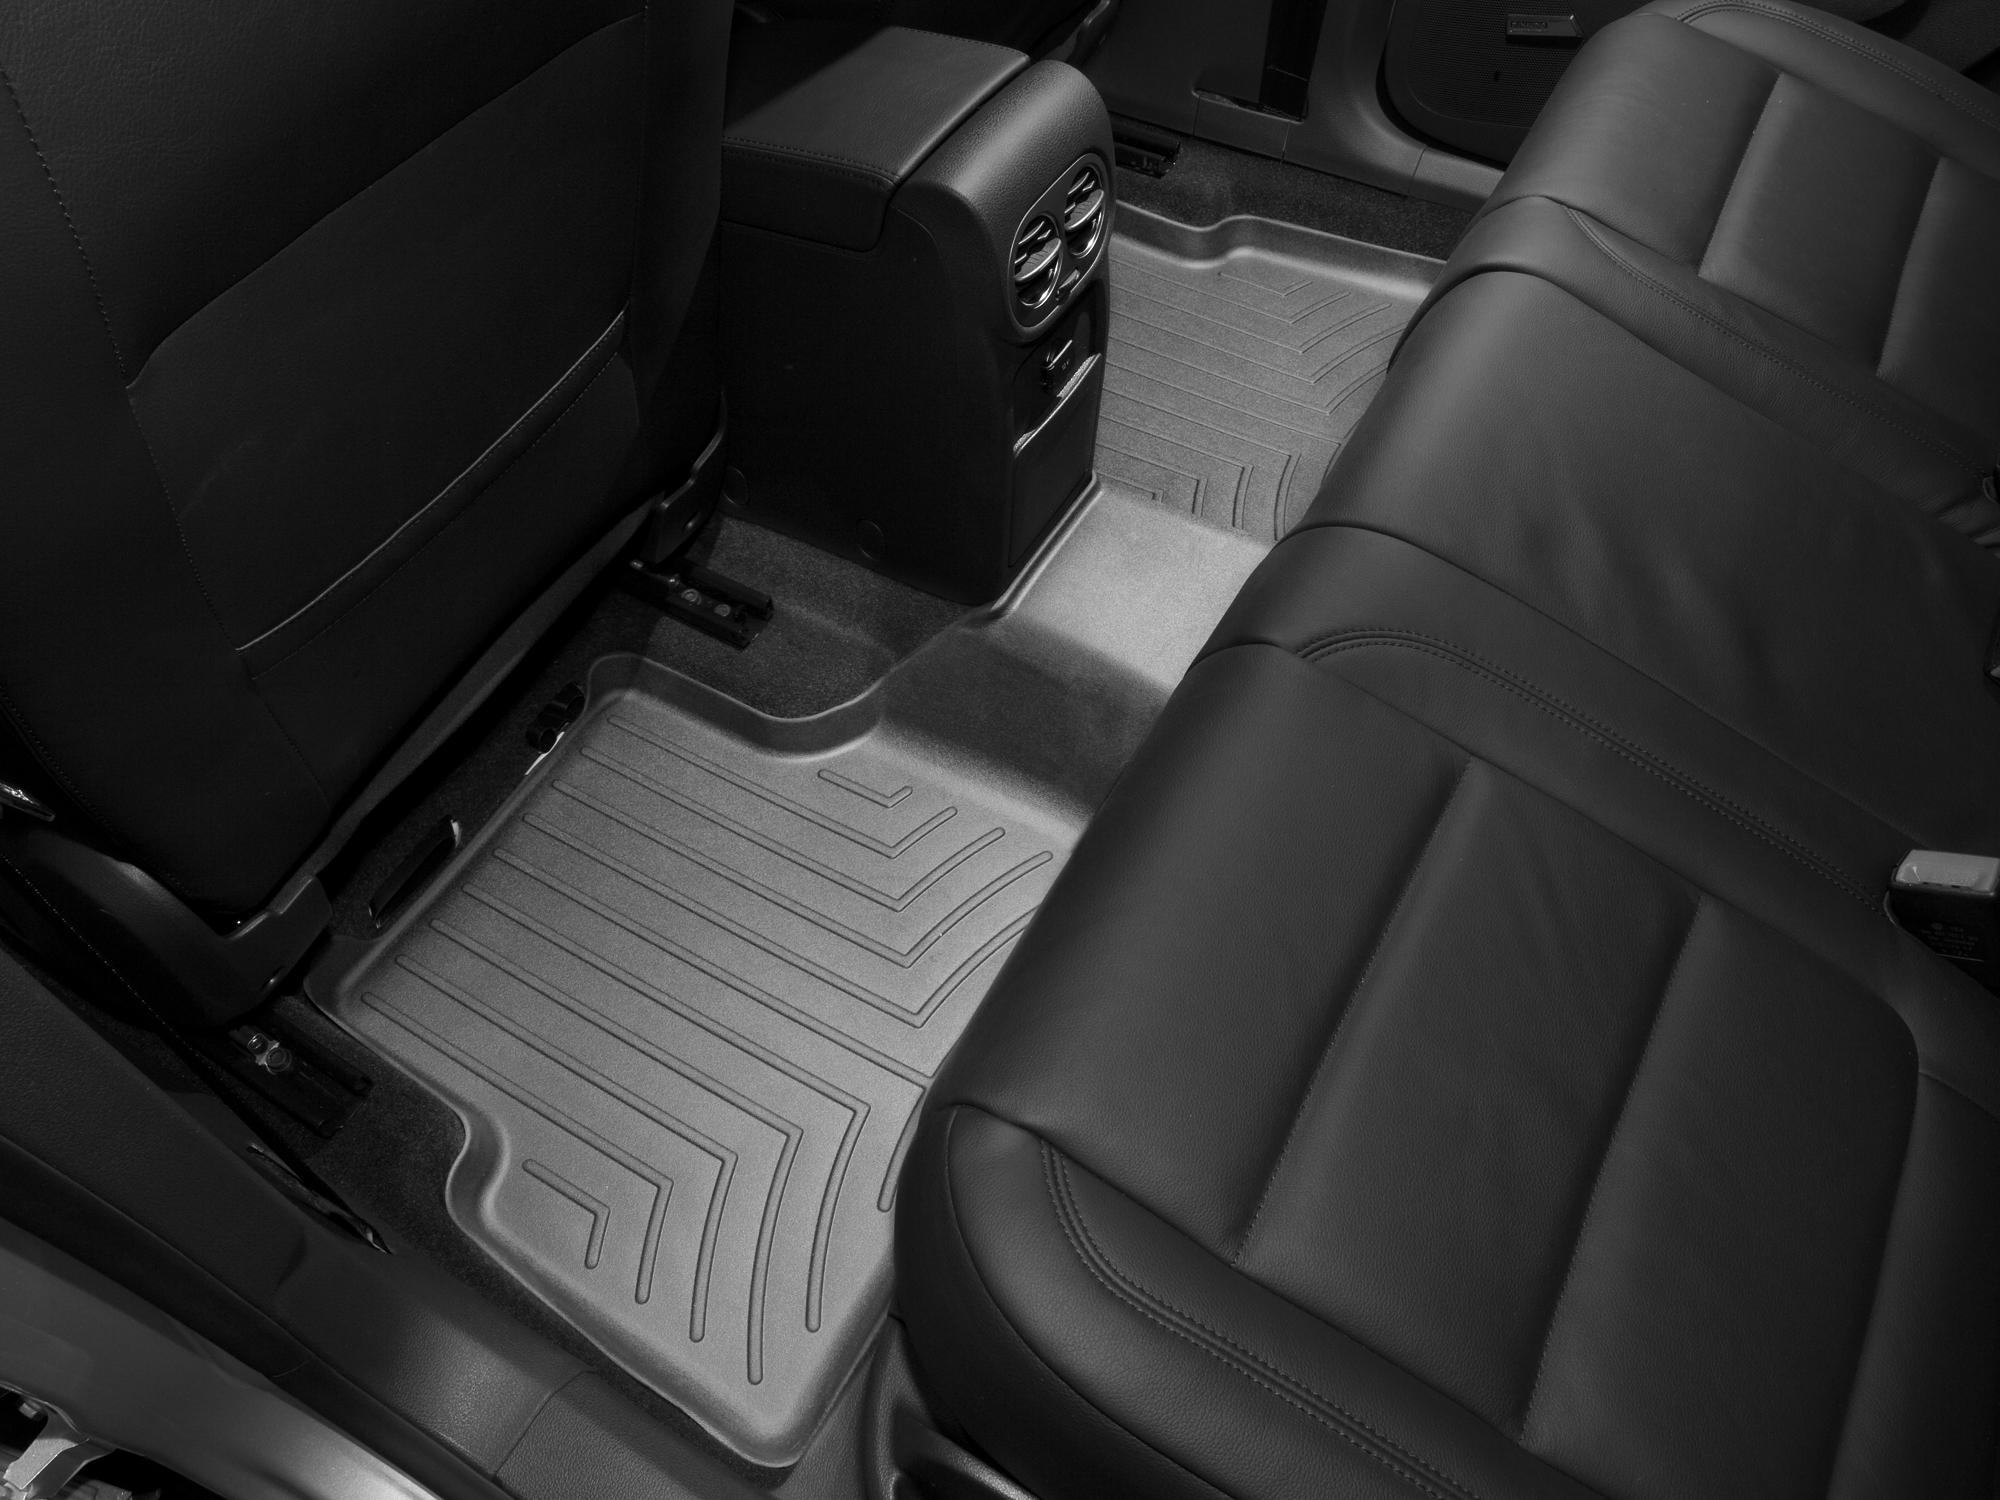 Tappeti gomma su misura bordo alto Volkswagen Tiguan 16>16 Nero A4273*